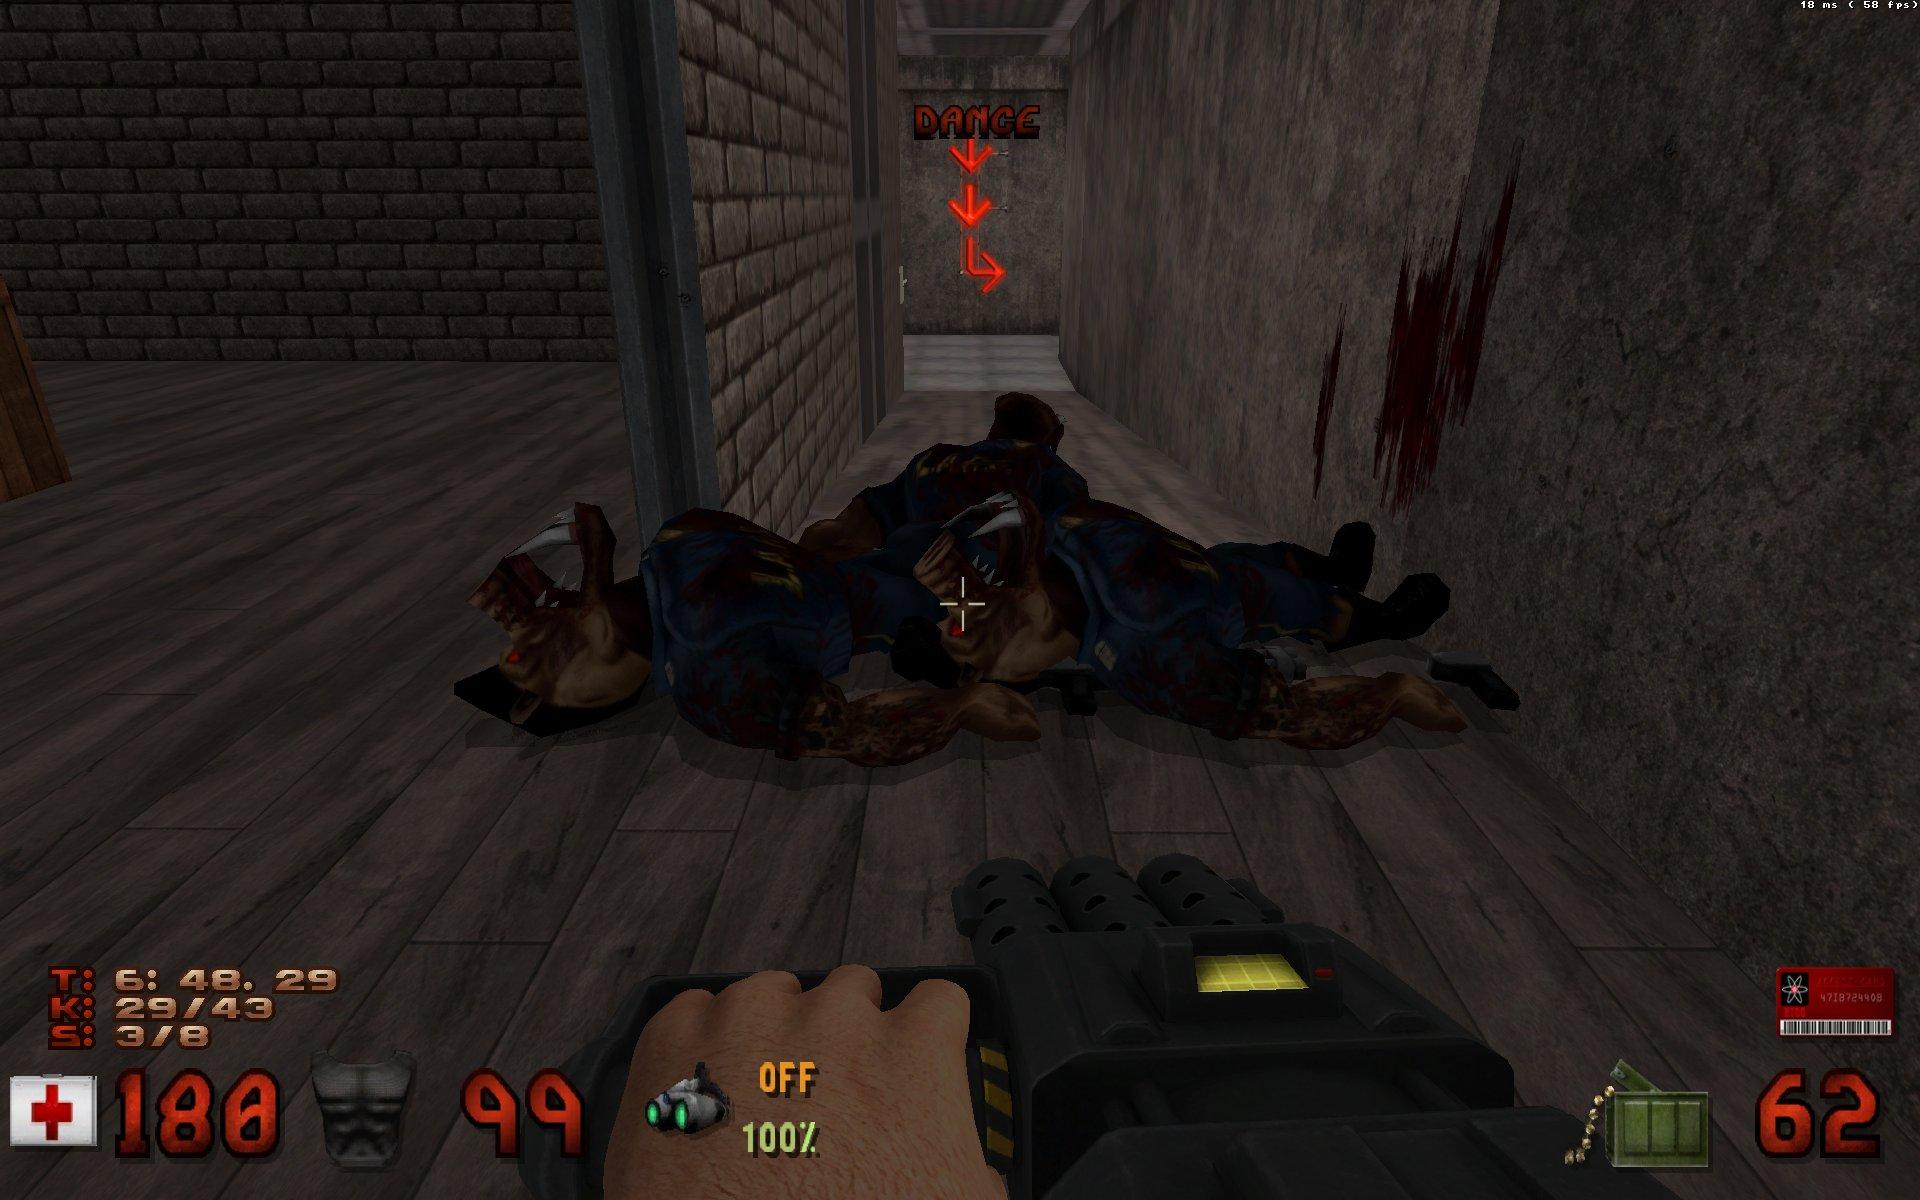 Une capture d'écran du jeu Duke Nukem 3D, montrant plusieurs des ennemis précédemment désignés, abattus par Duke lui-même.